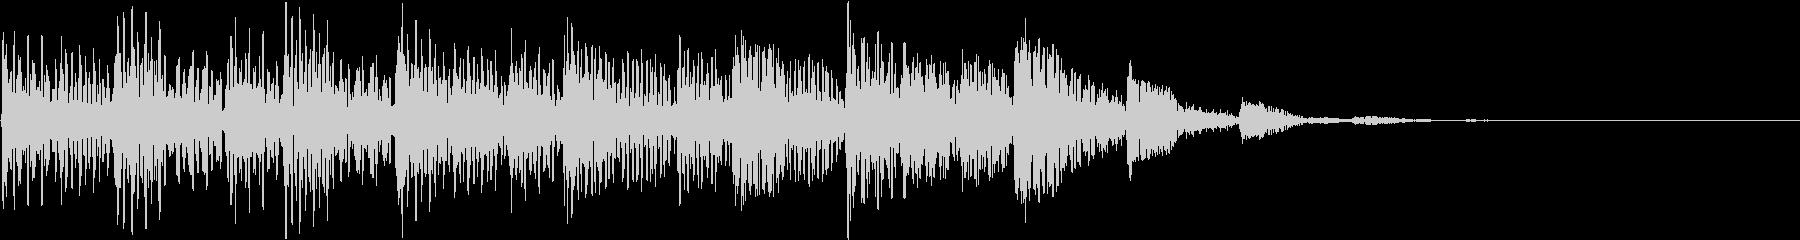 海外ドラム風/未来的な場面転換効果音の未再生の波形